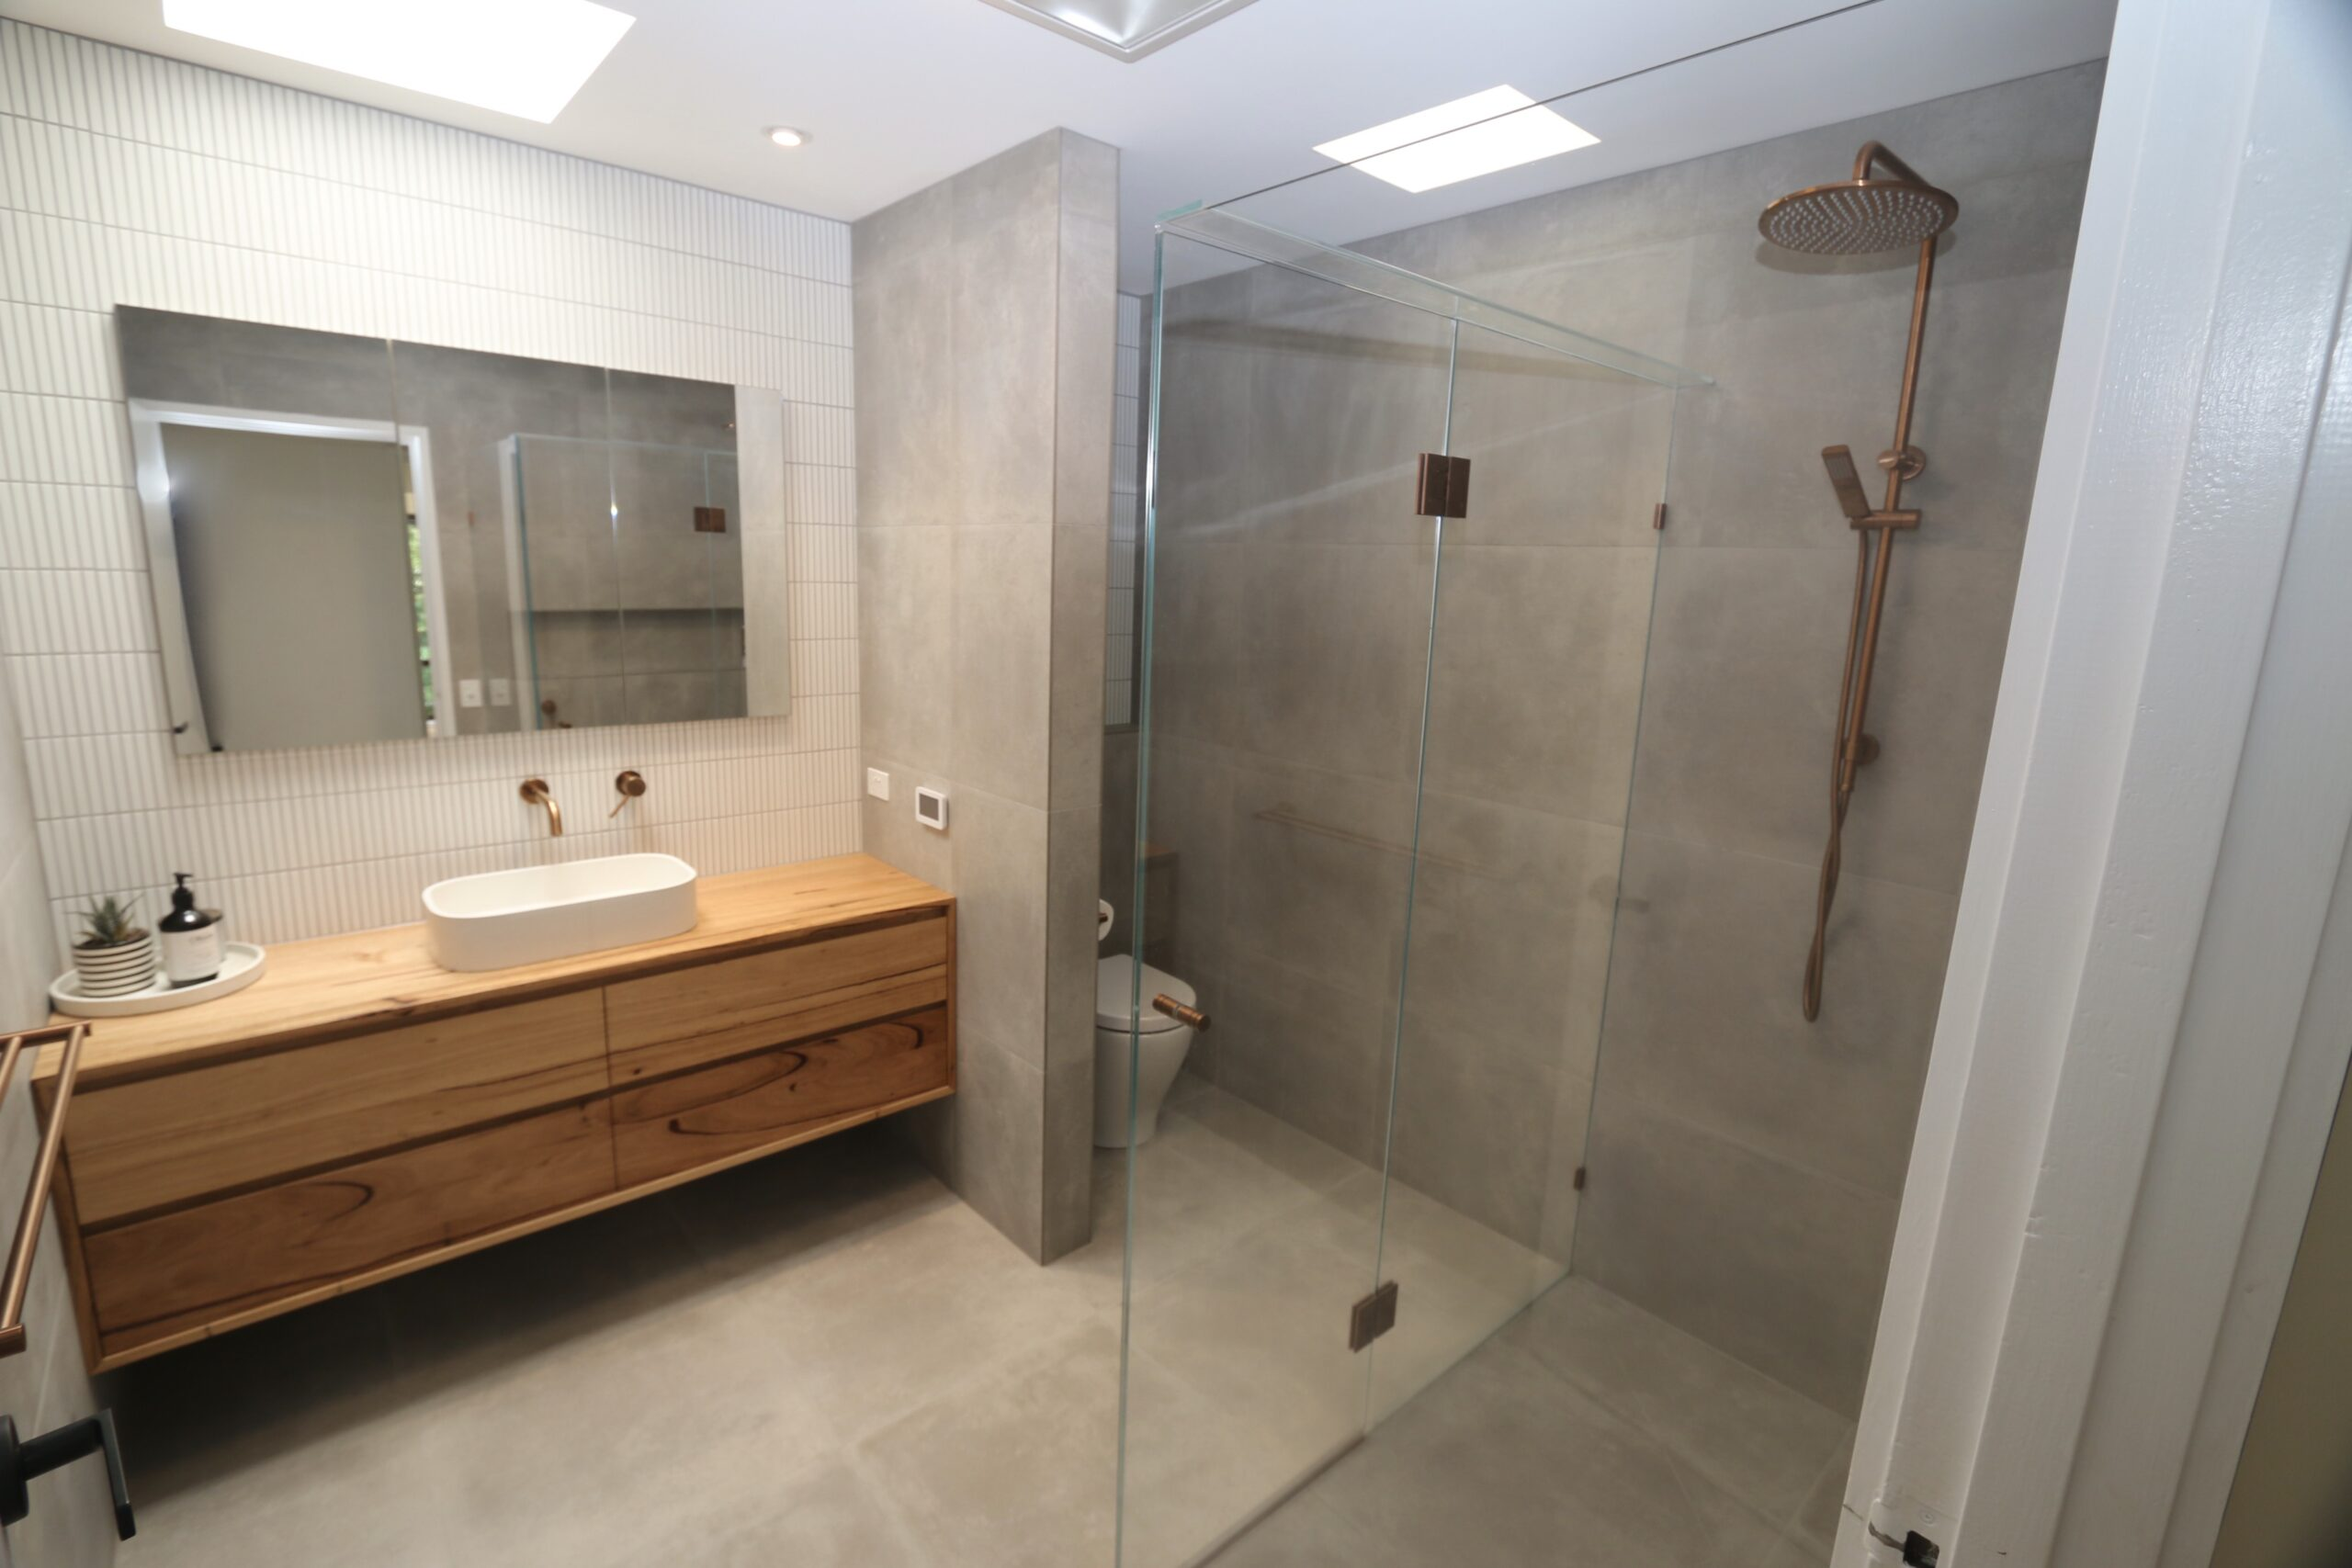 Moorooduc holiday rental, master bathroom with shower